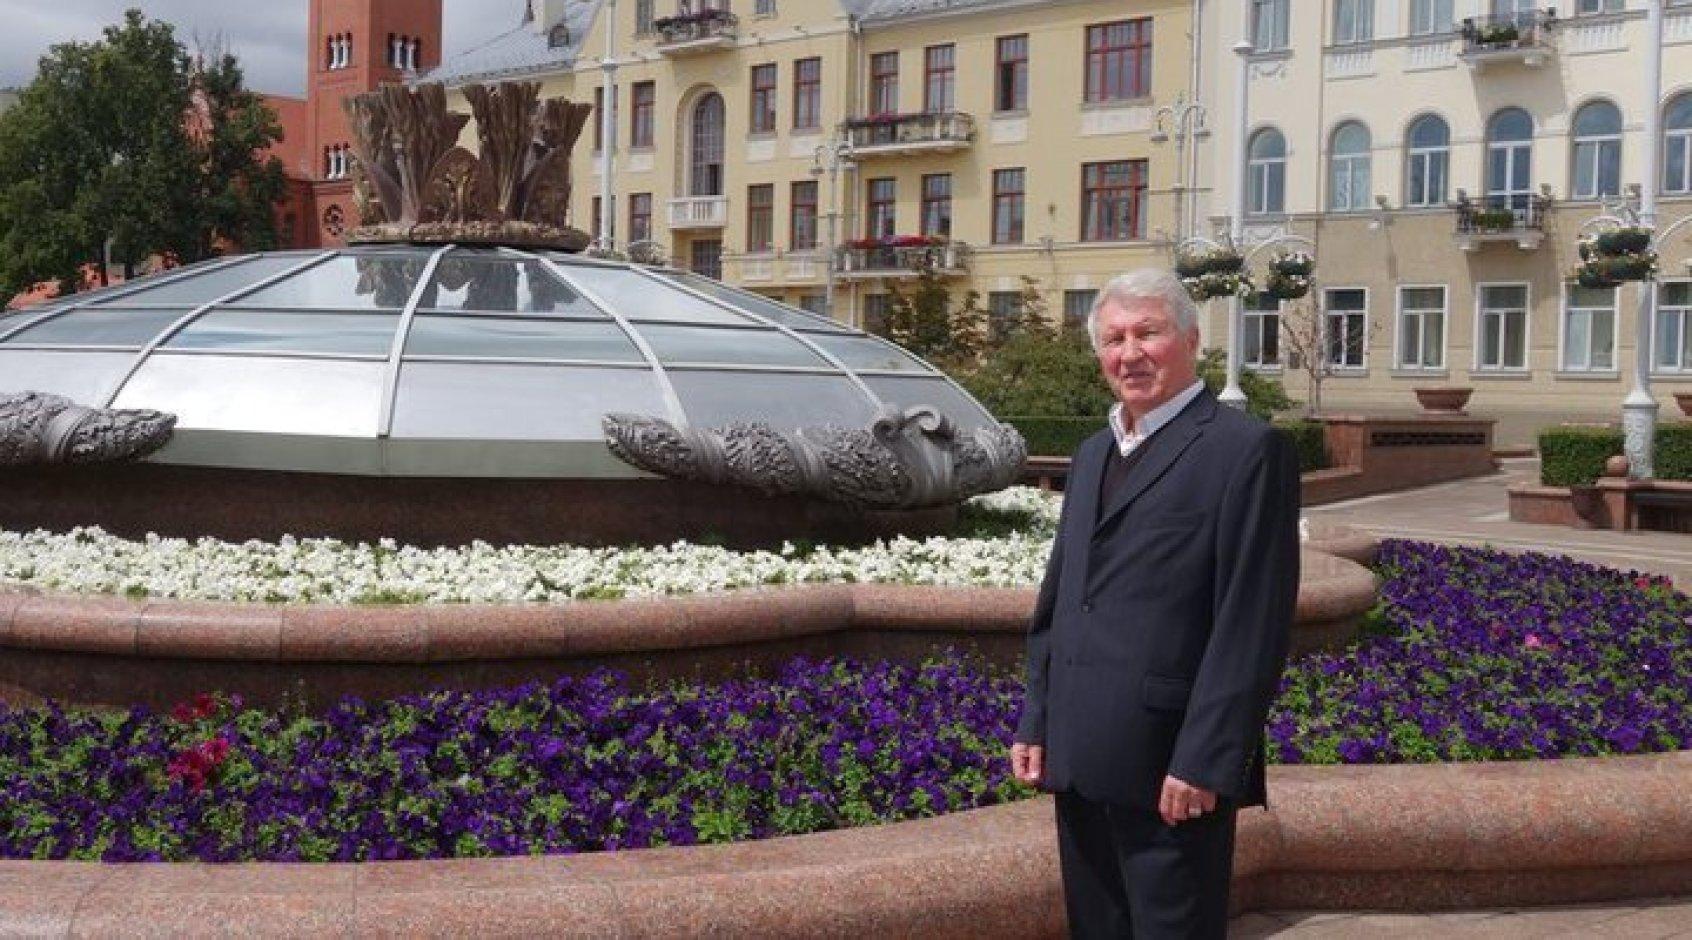 Эдуард Малофеев рассказал, зачем он заставлял футболистов ездить на картошку